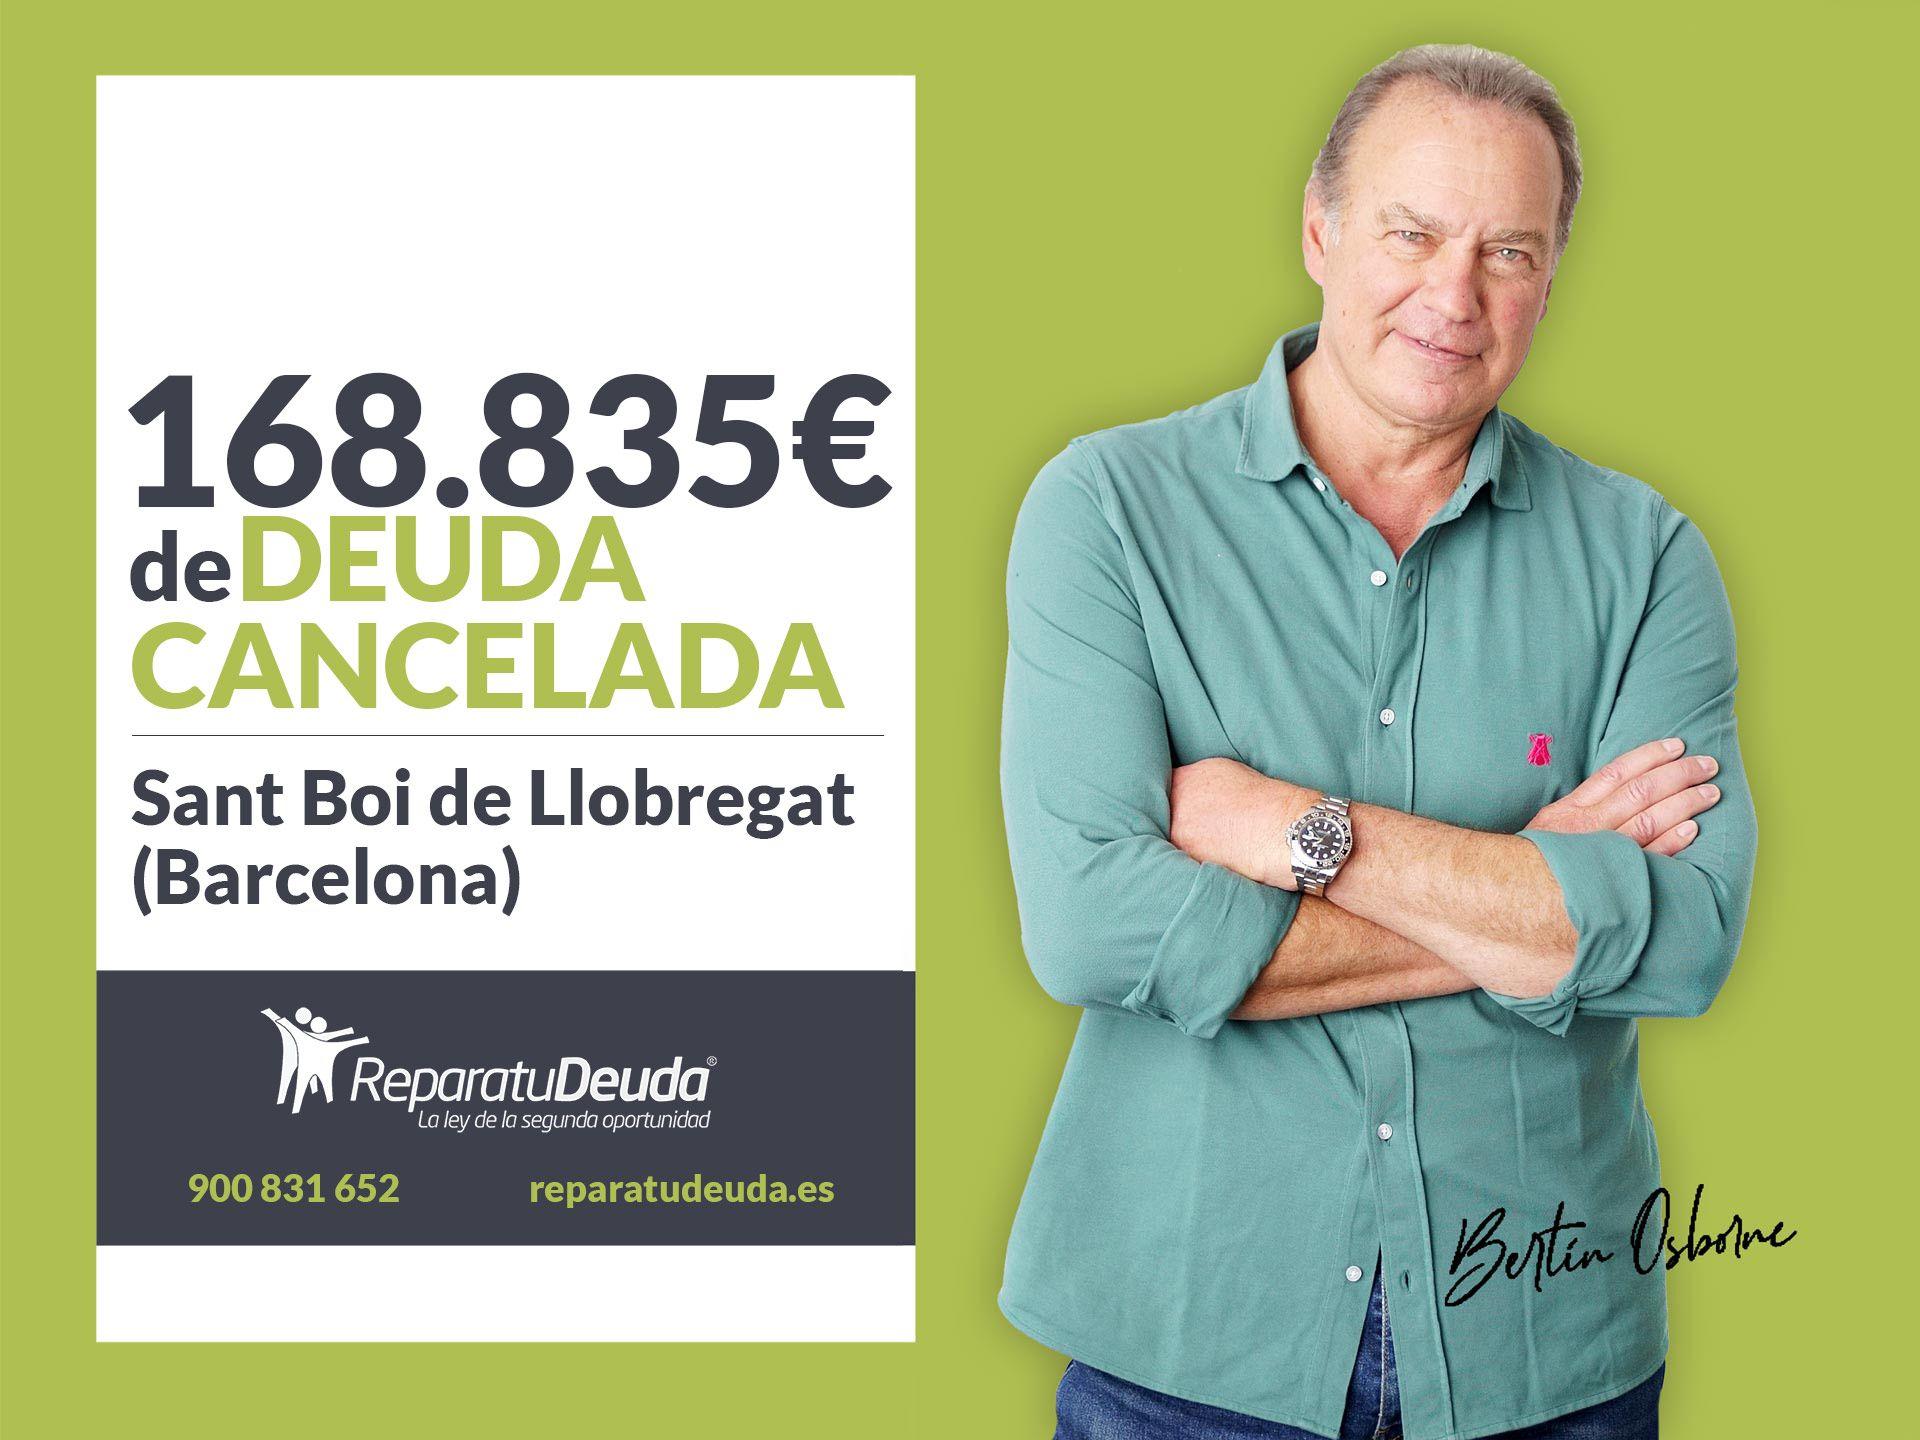 Repara tu Deuda cancela 168.835? en Sant Boi de Llobregat (Barcelona) con la Ley de Segunda Oportunidad